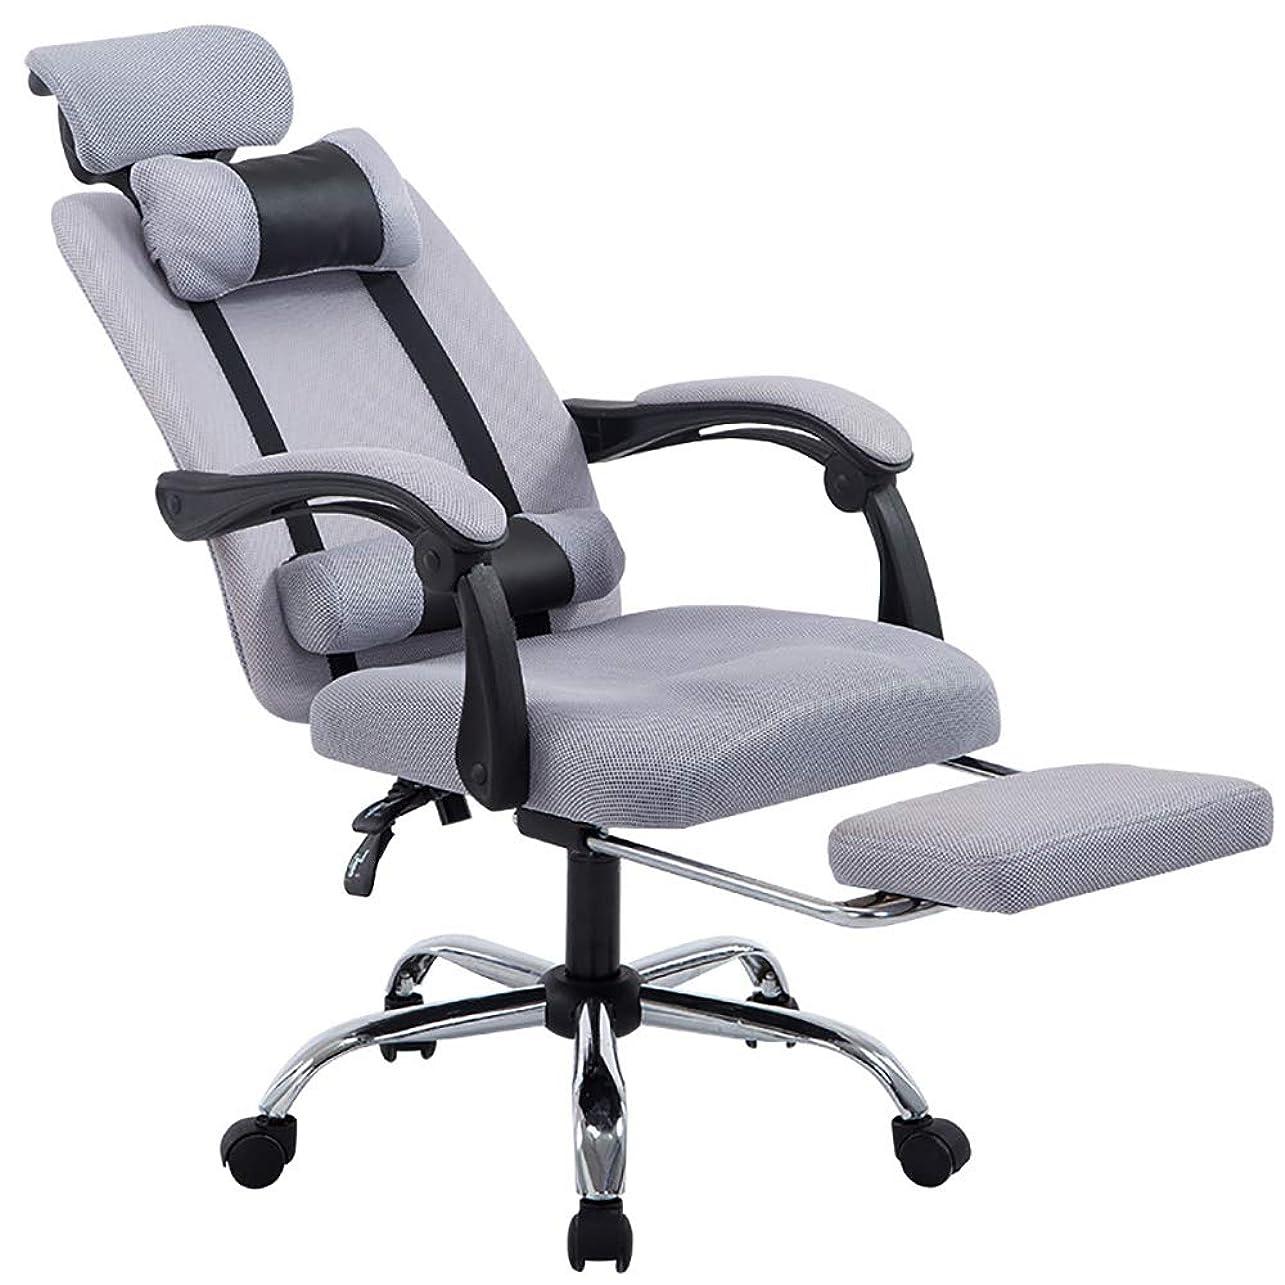 突き出す主婦制限するL.HPT-椅子 ゲームチェア フットレスト付き オフィスチェア 2つの枕付き ハイバックコンピュータ回転チェア ヘッドレスト付き ランバーサポート 調節可能な背中/腕 レーシングゲームチェア グリーン 591-644-195